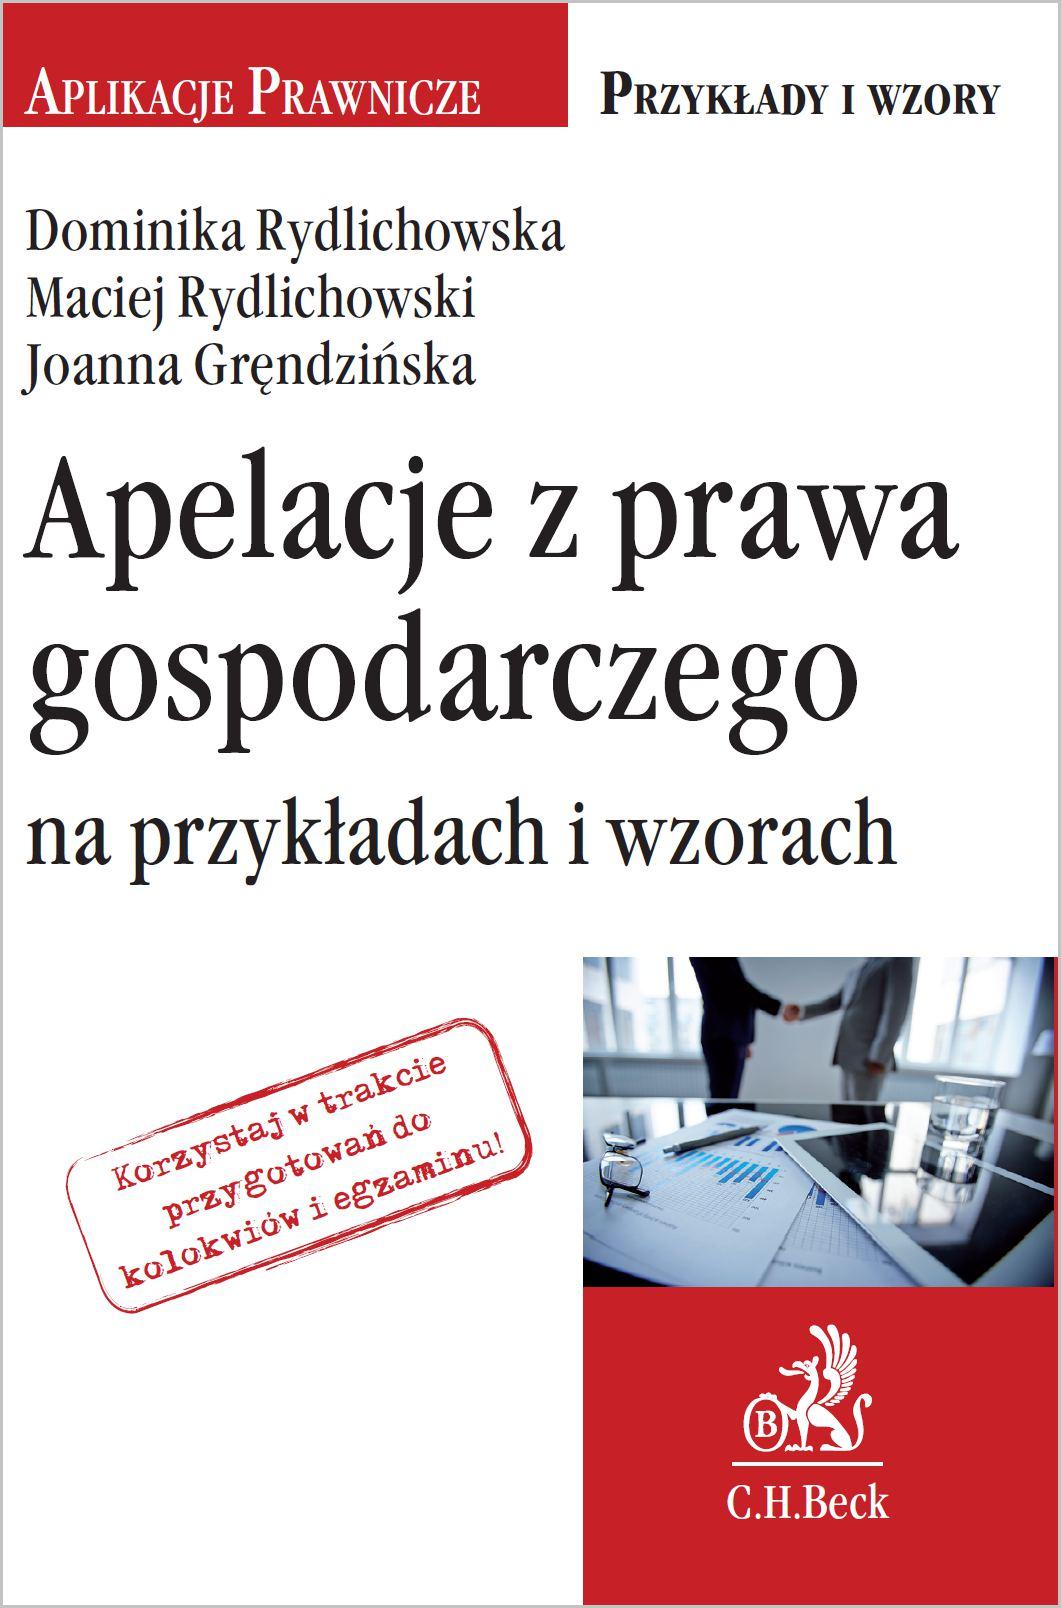 Apelacje z prawa gospodarczego na przykładach i wzorach - Ebook (Książka PDF) do pobrania w formacie PDF